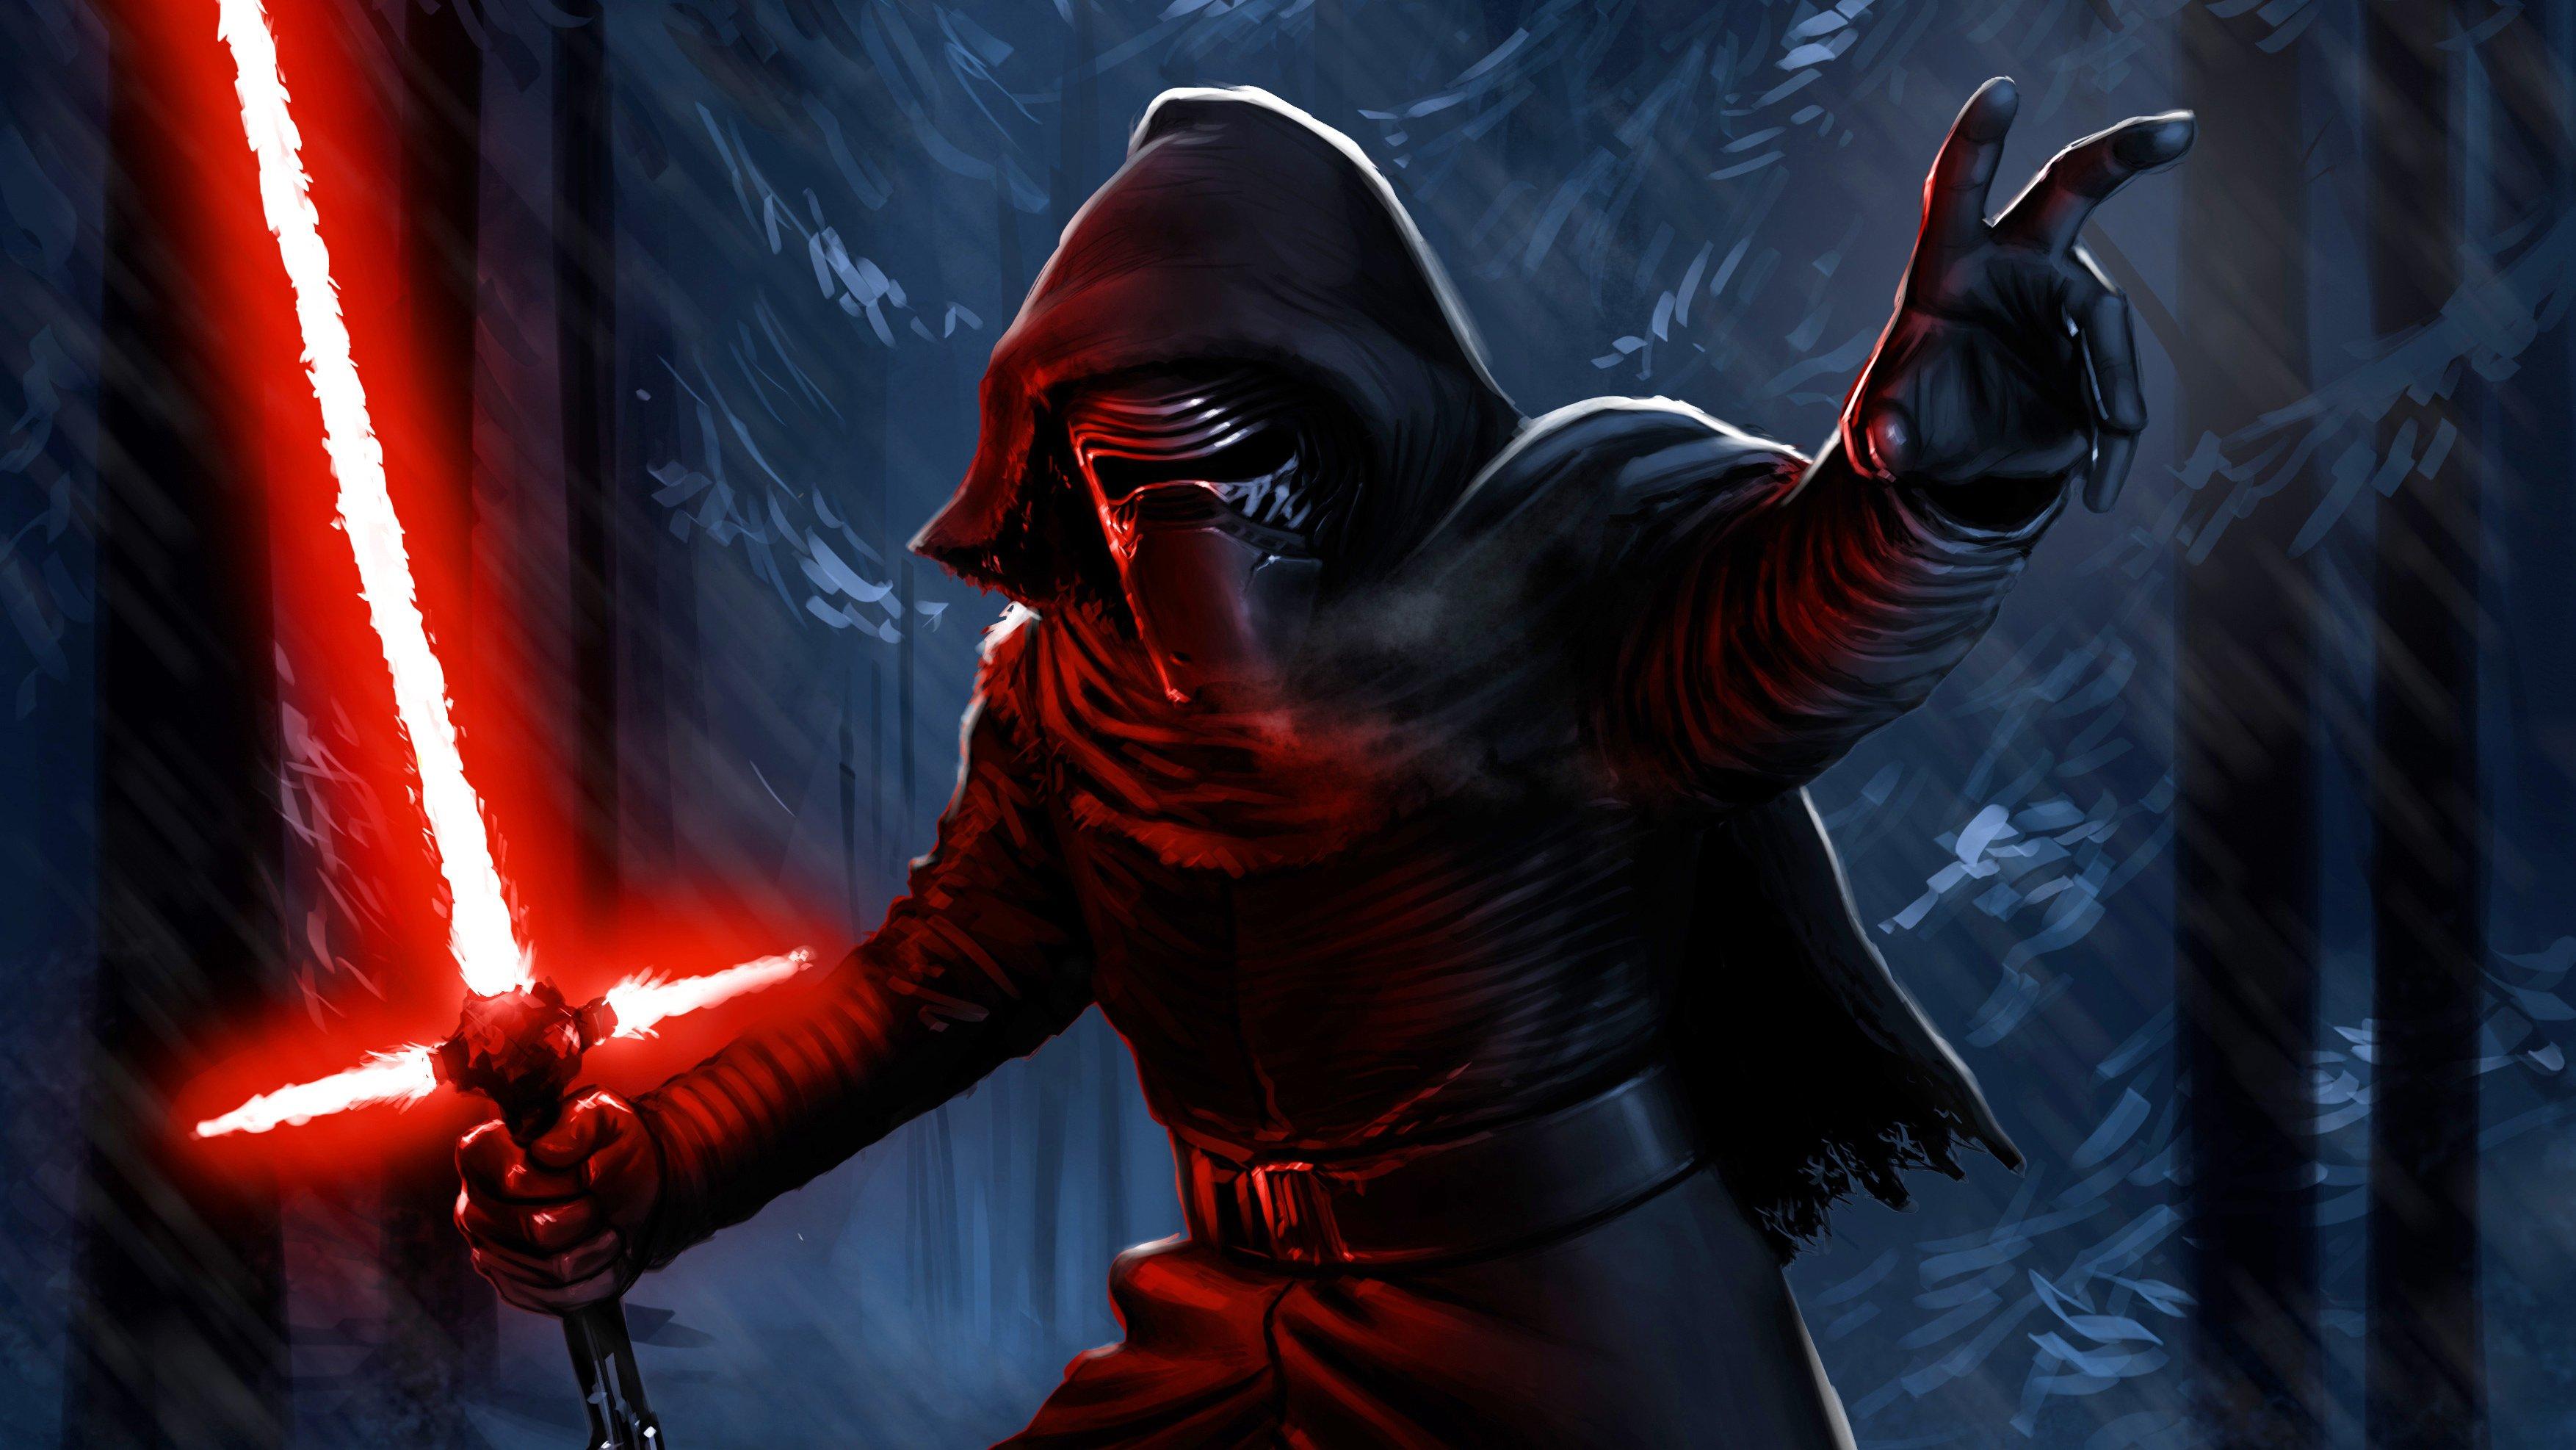 Fondos de pantalla Darth Vader con sable de luz Fanart